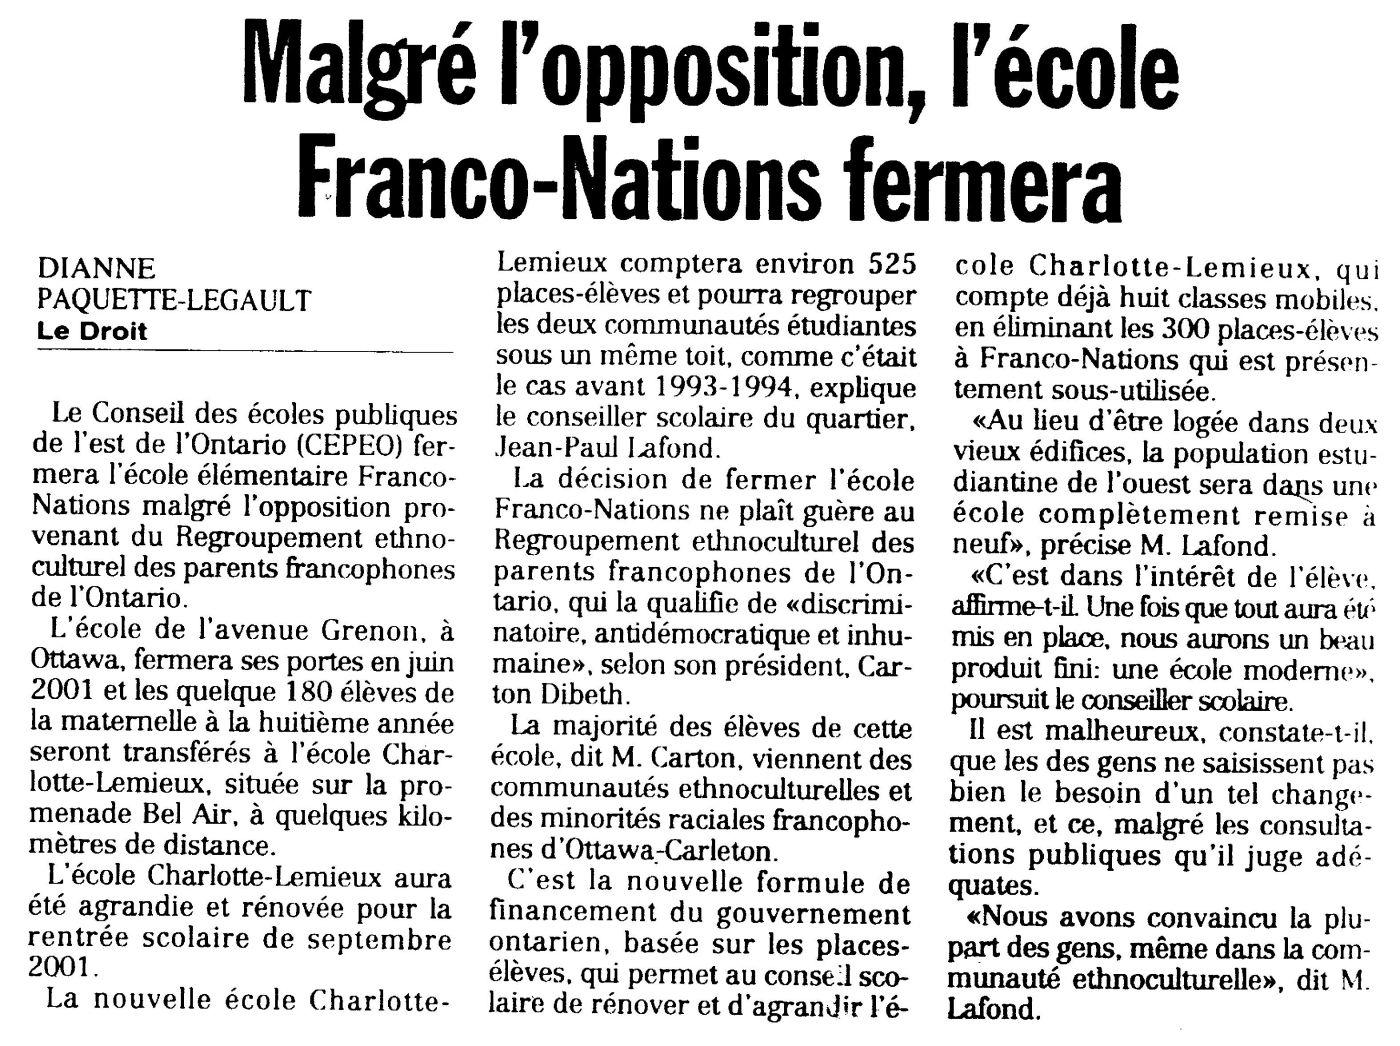 Article de journal imprimé, en français. Le titre apparaît en gras, en haut de la page. L'article est monté sur trois colonnes et il est signé.